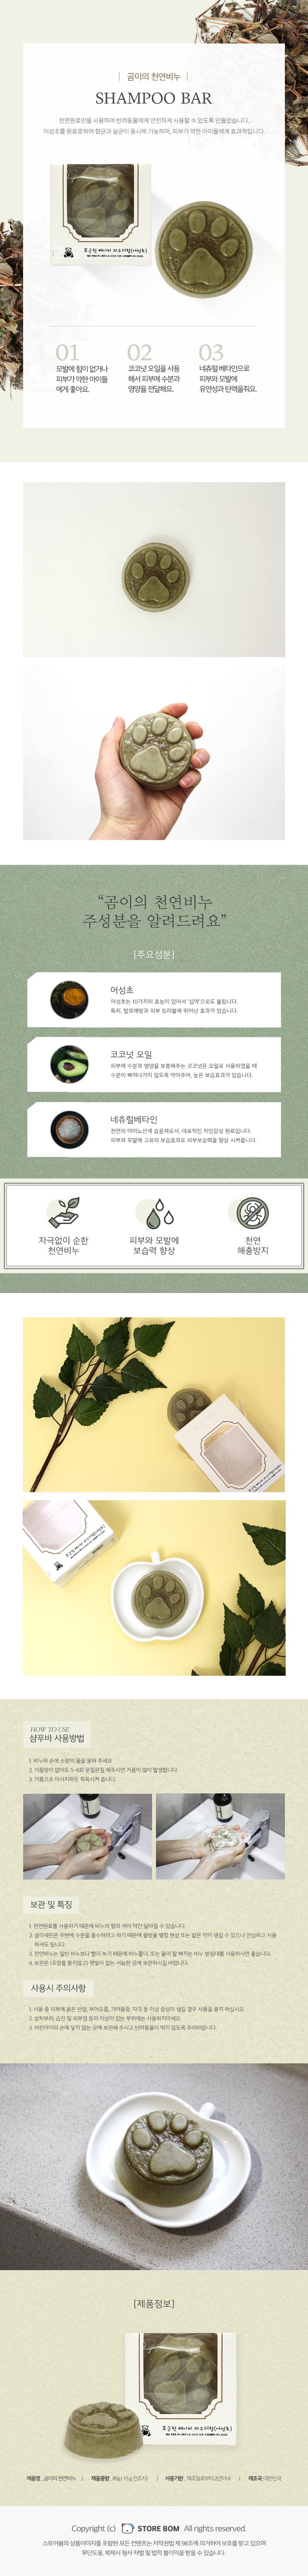 반려동물 샴푸바 곰이의 천연비누 - 스토어봄, 7,800원, 미용/목욕용품, 샴푸/린스